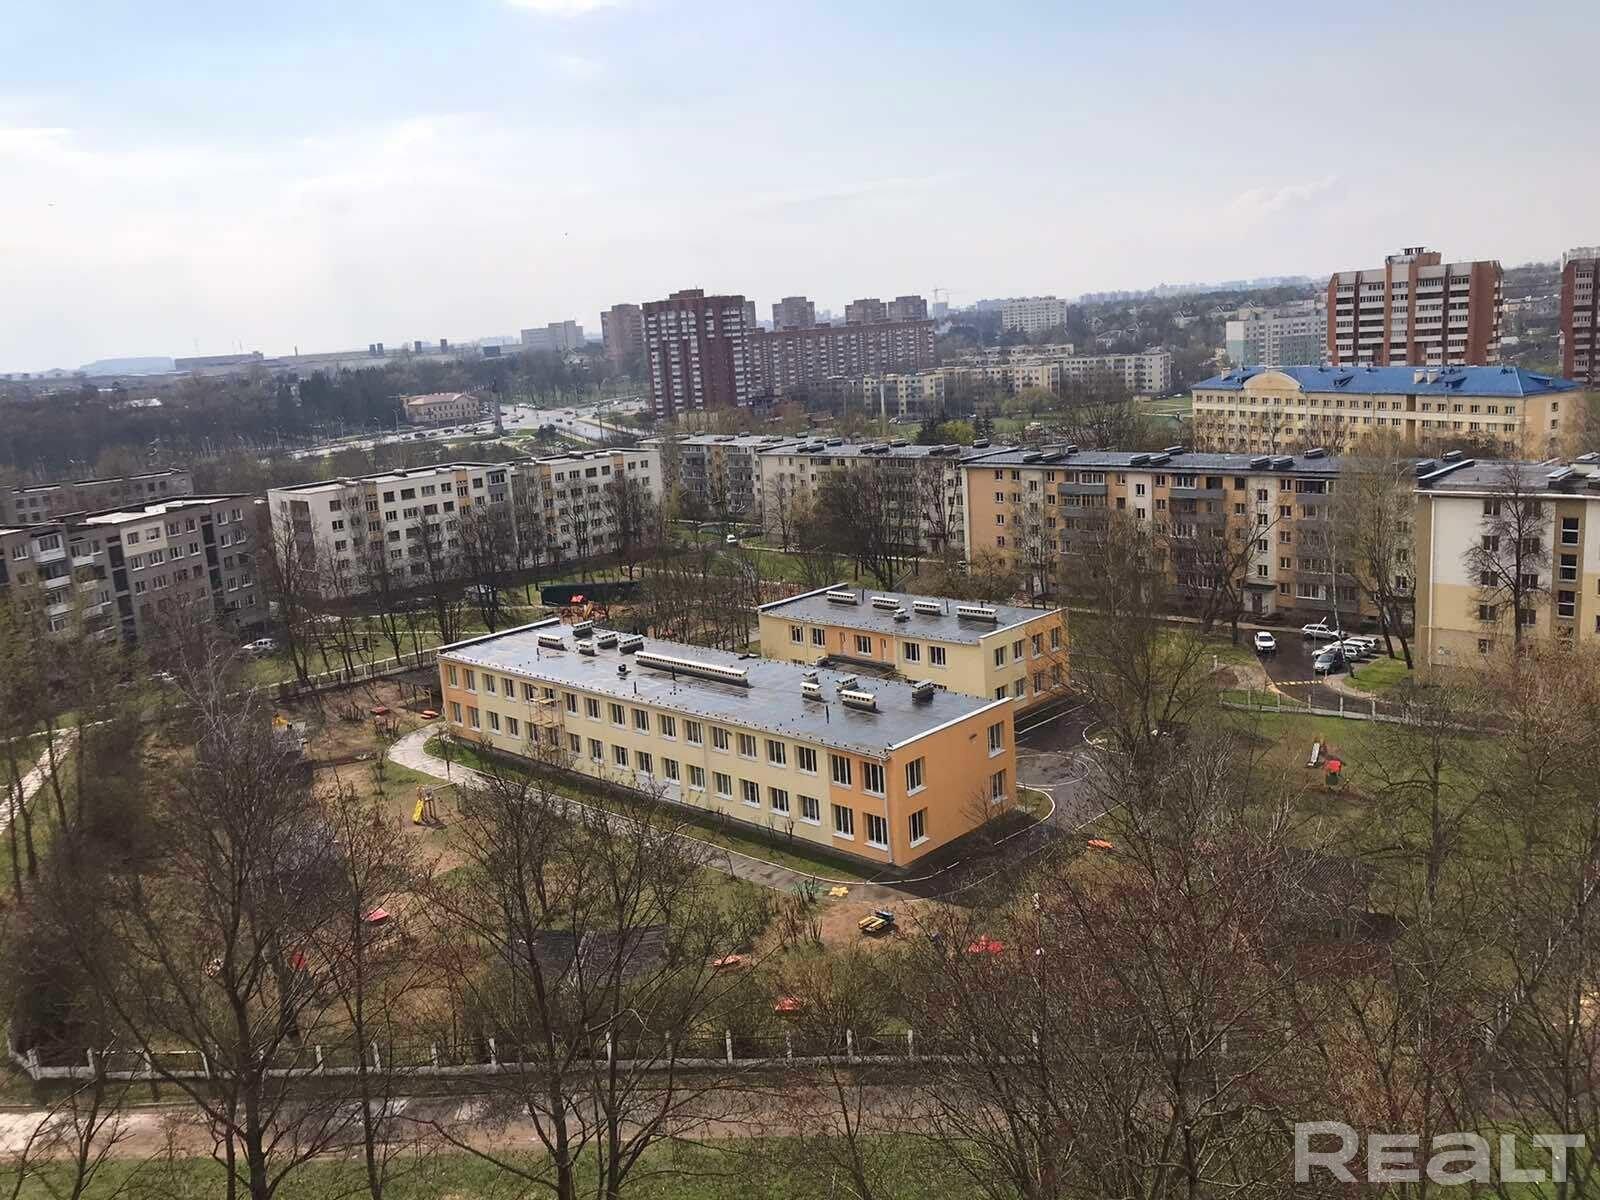 Продажа 2-х комнатной квартиры в г. Минске, ул. Варвашени, дом 20-3 (р-н Ангарская). Цена 121 154 руб